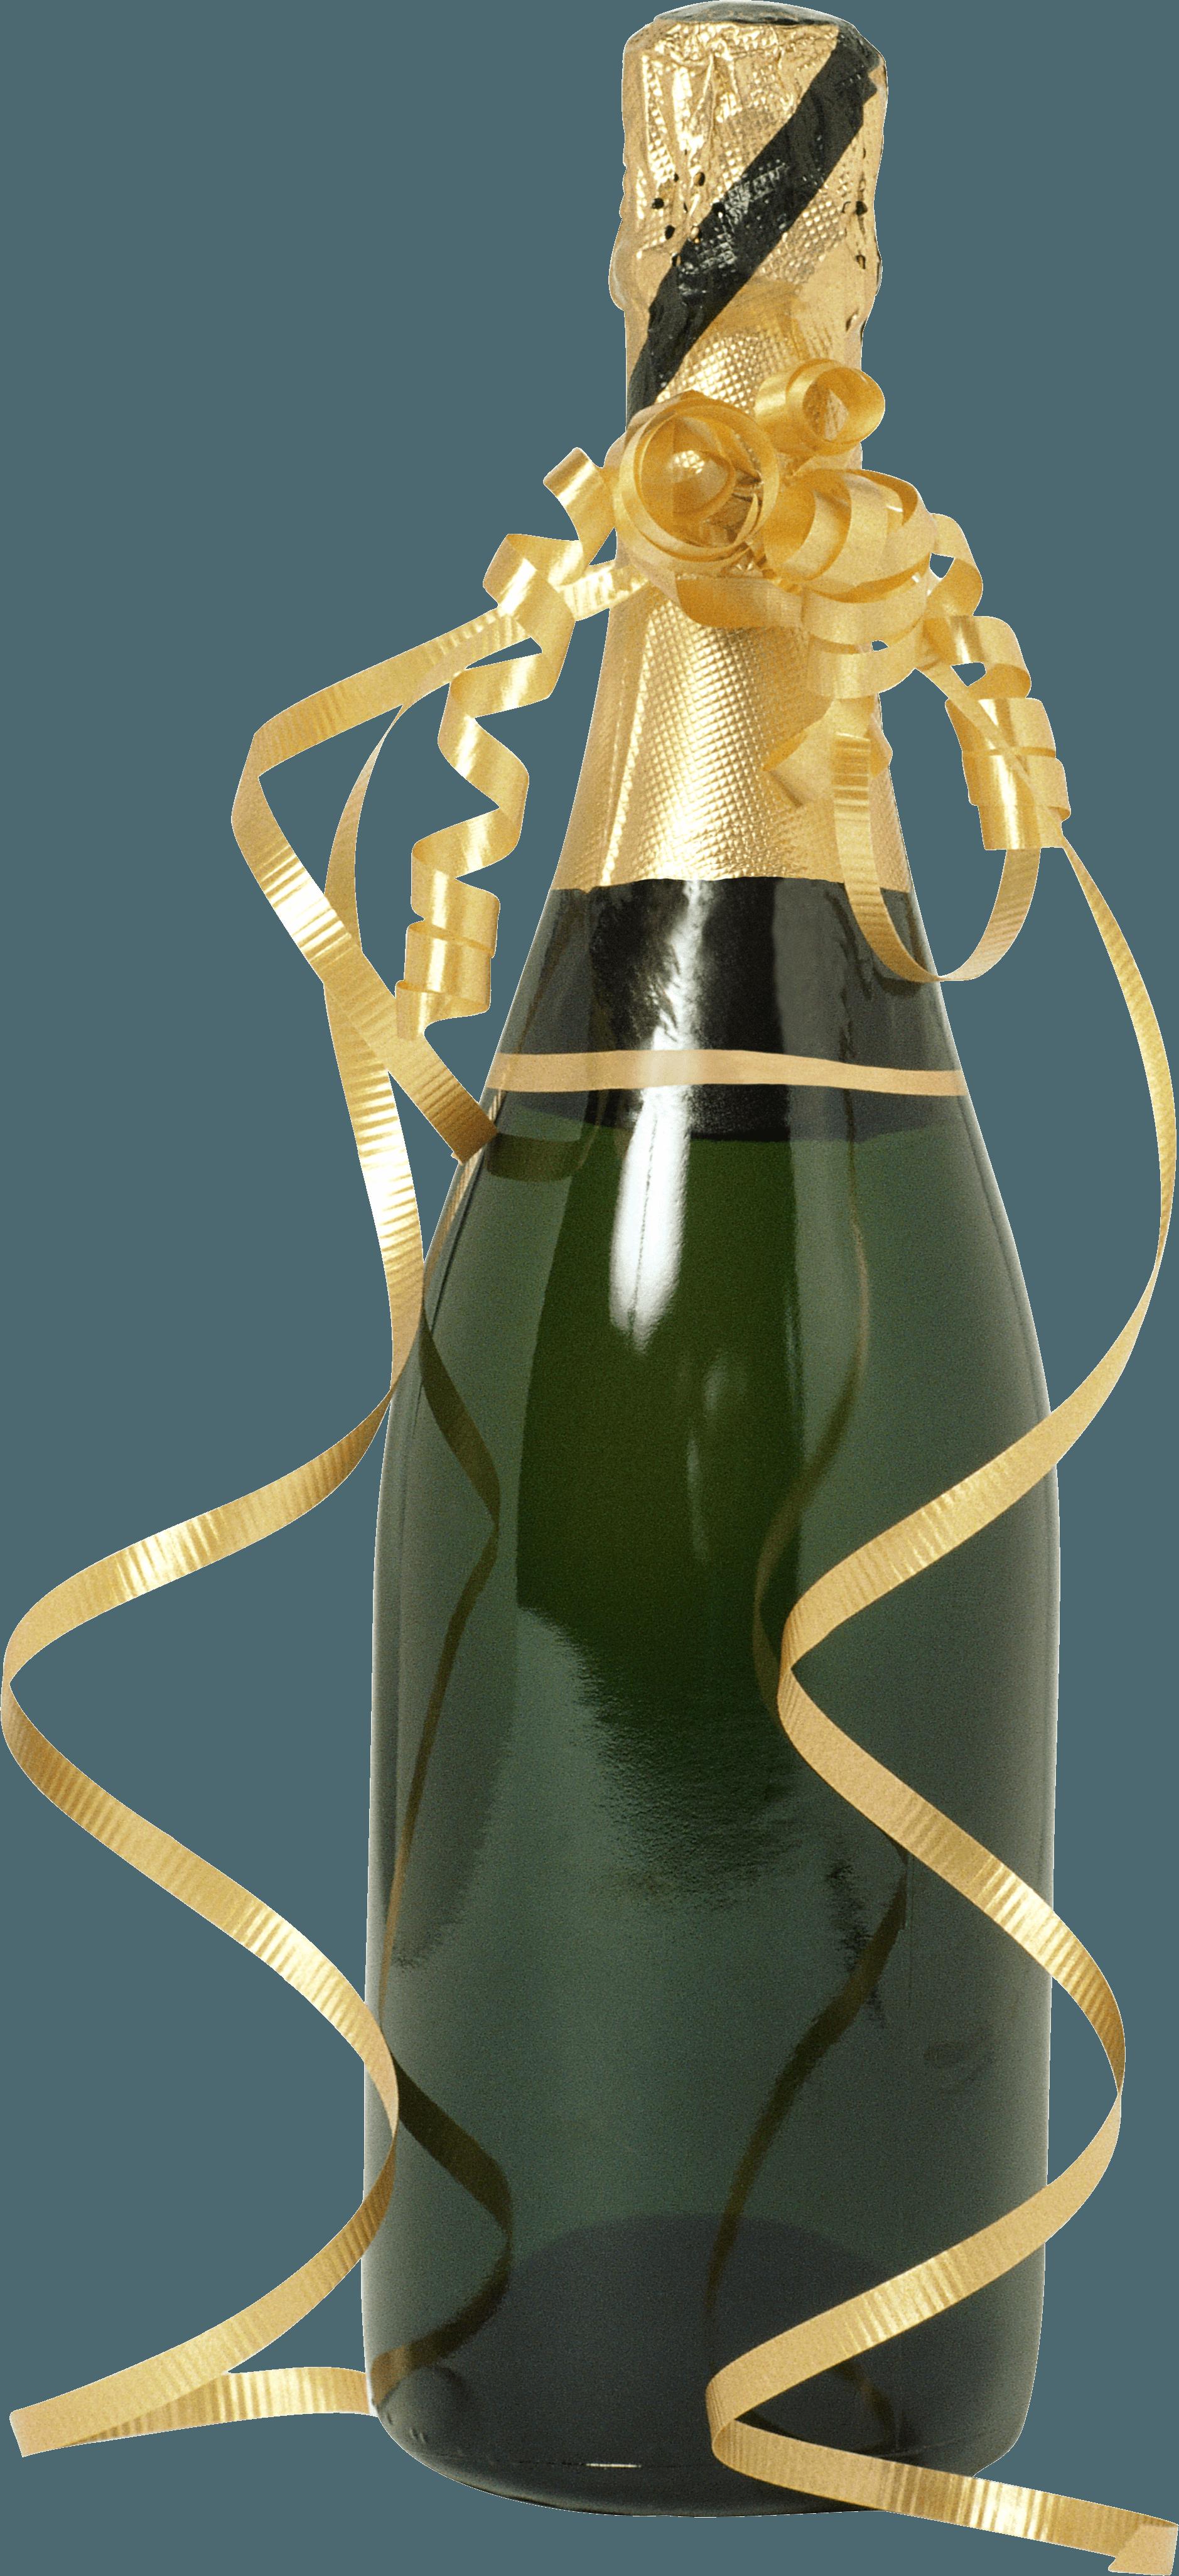 Шампанское анимация картинки